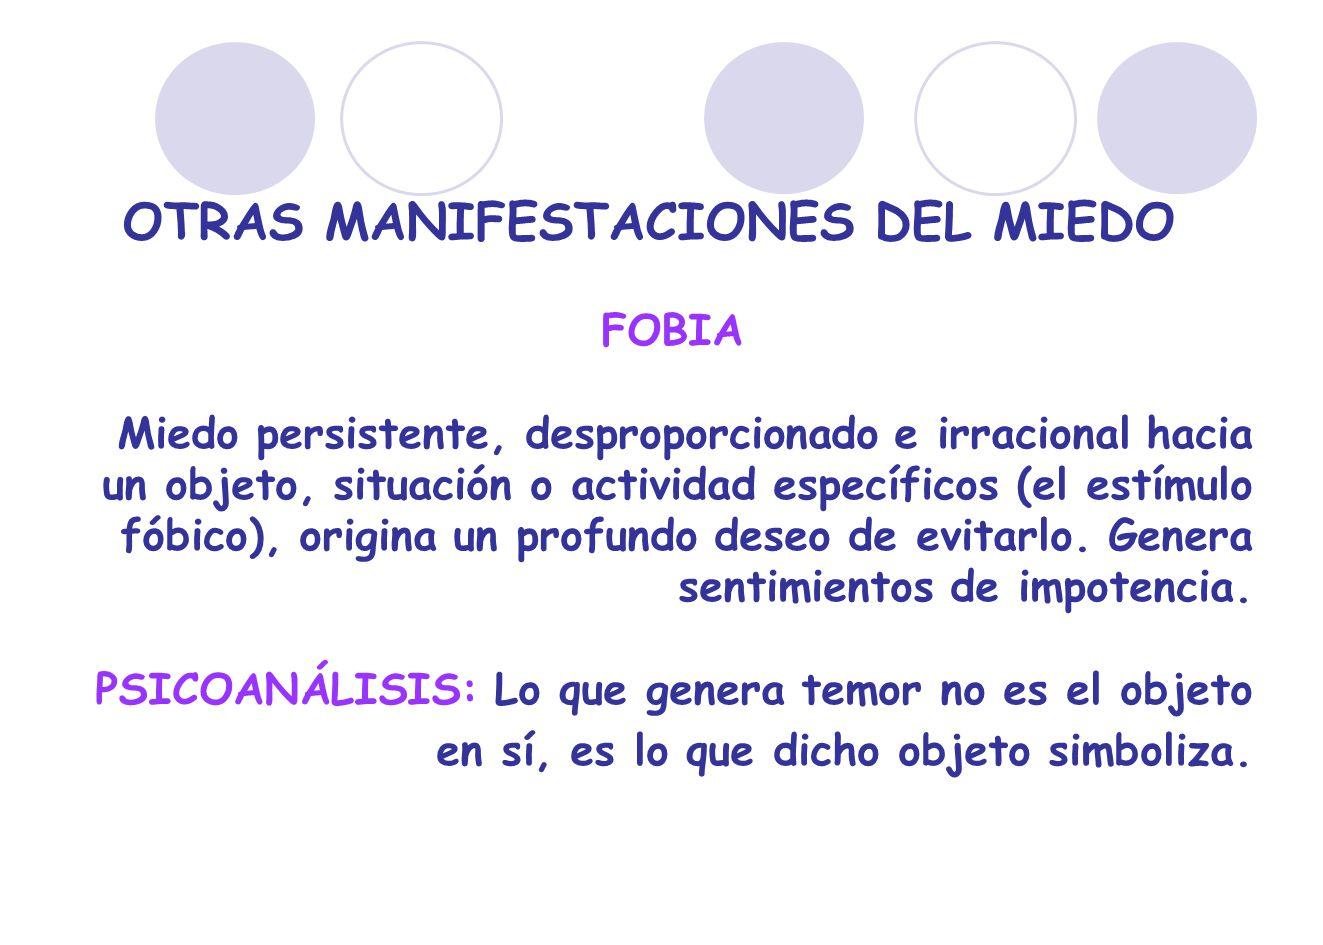 OTRAS MANIFESTACIONES DEL MIEDO